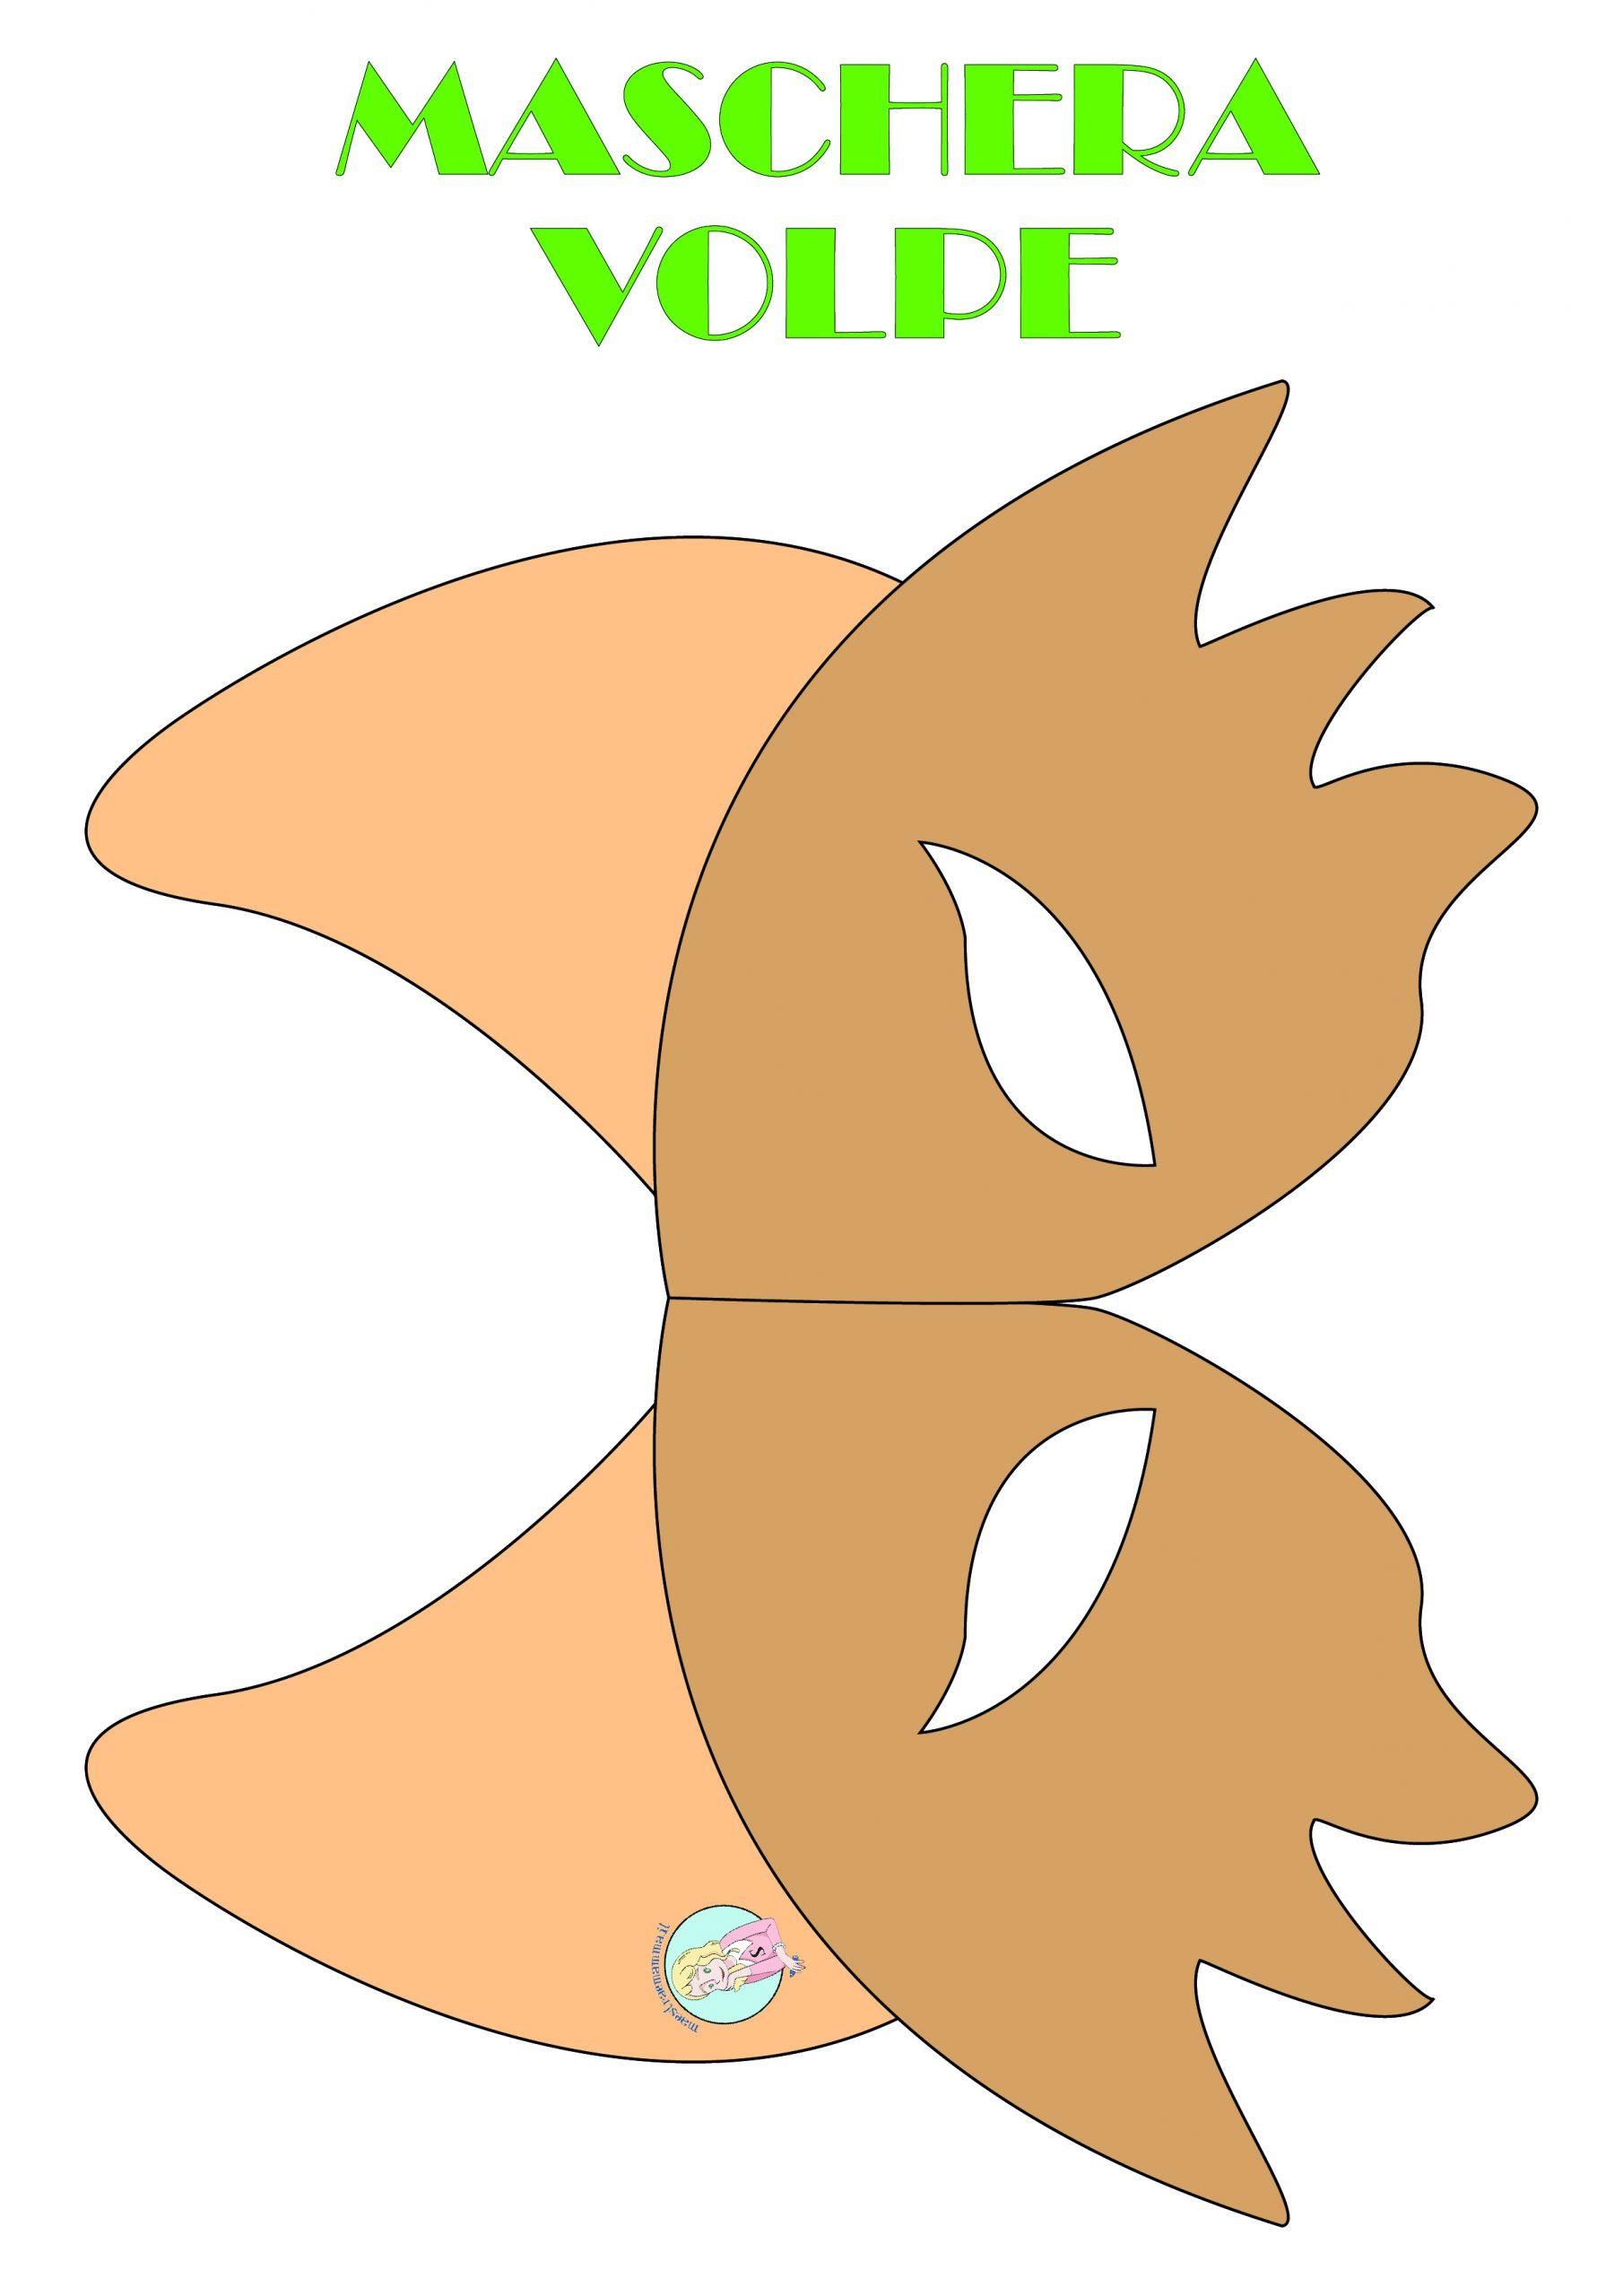 Maschere di Carnevale da colorare, ritagliare e stampare- maschera volpe